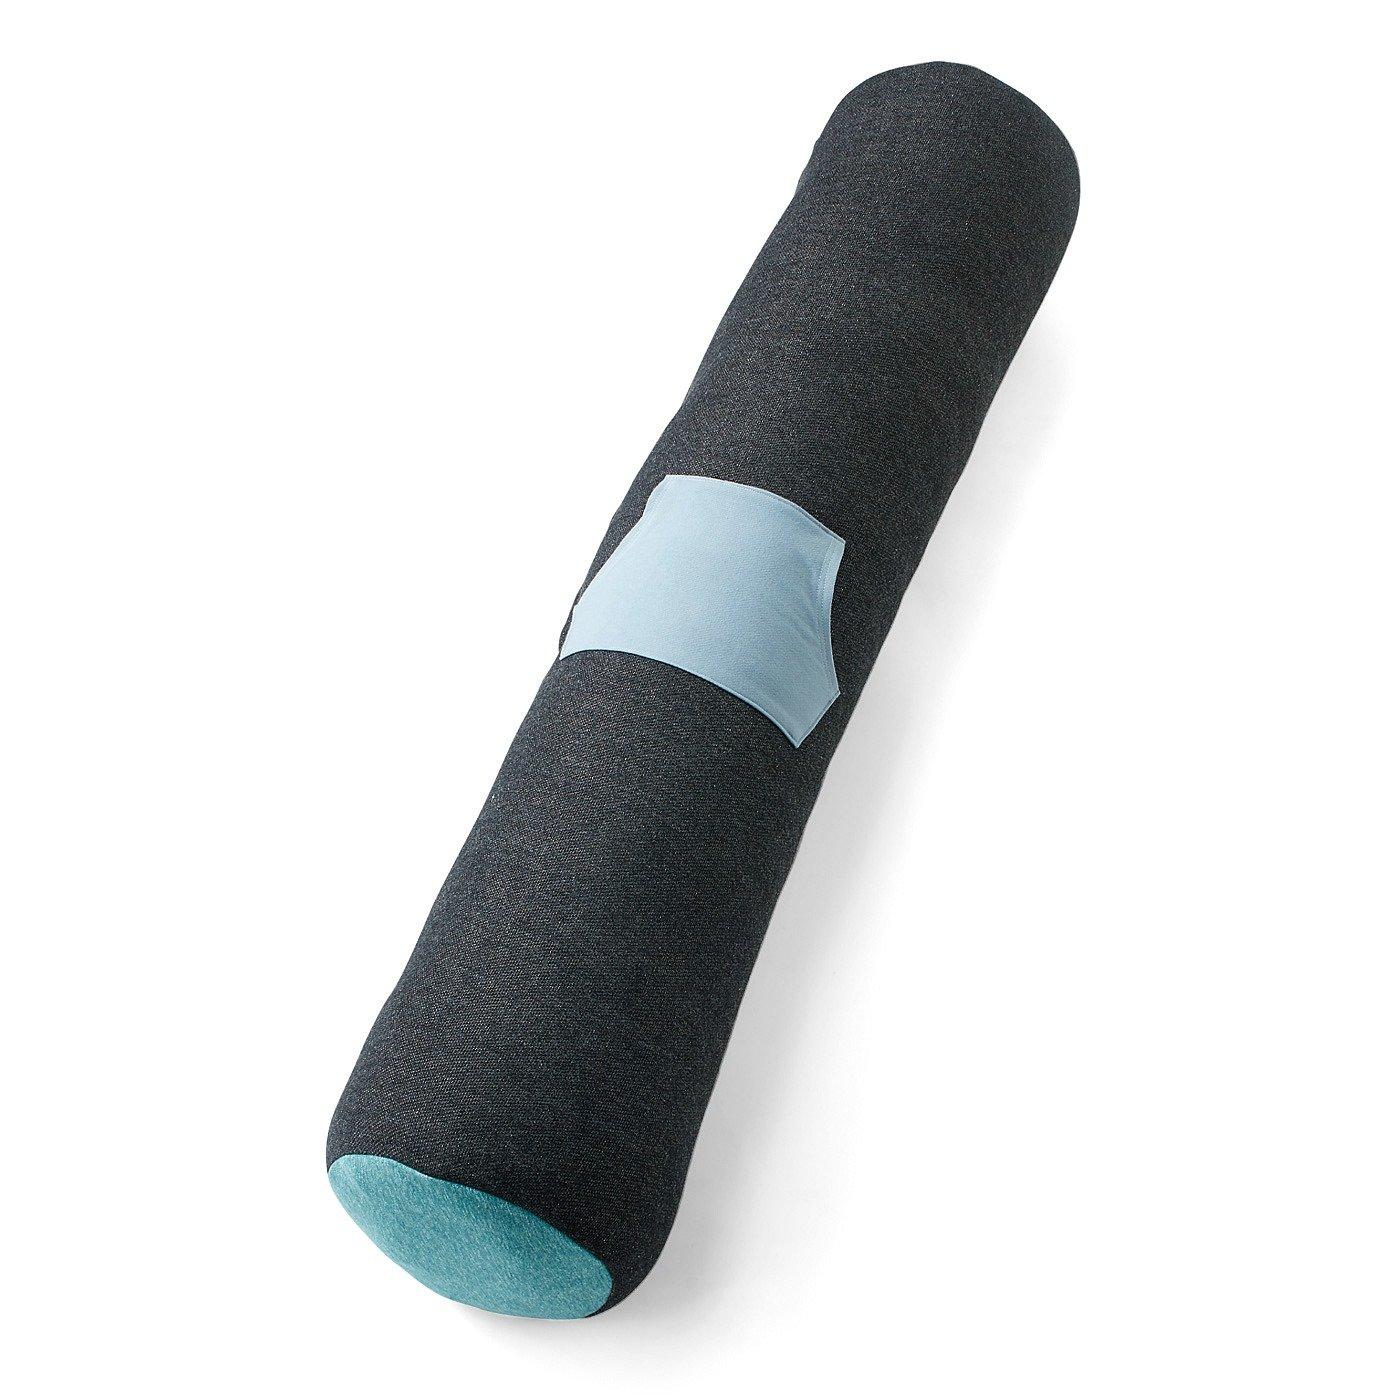 古着屋さんで見つけたようなやわらか裏毛の布団収納抱き枕カバー